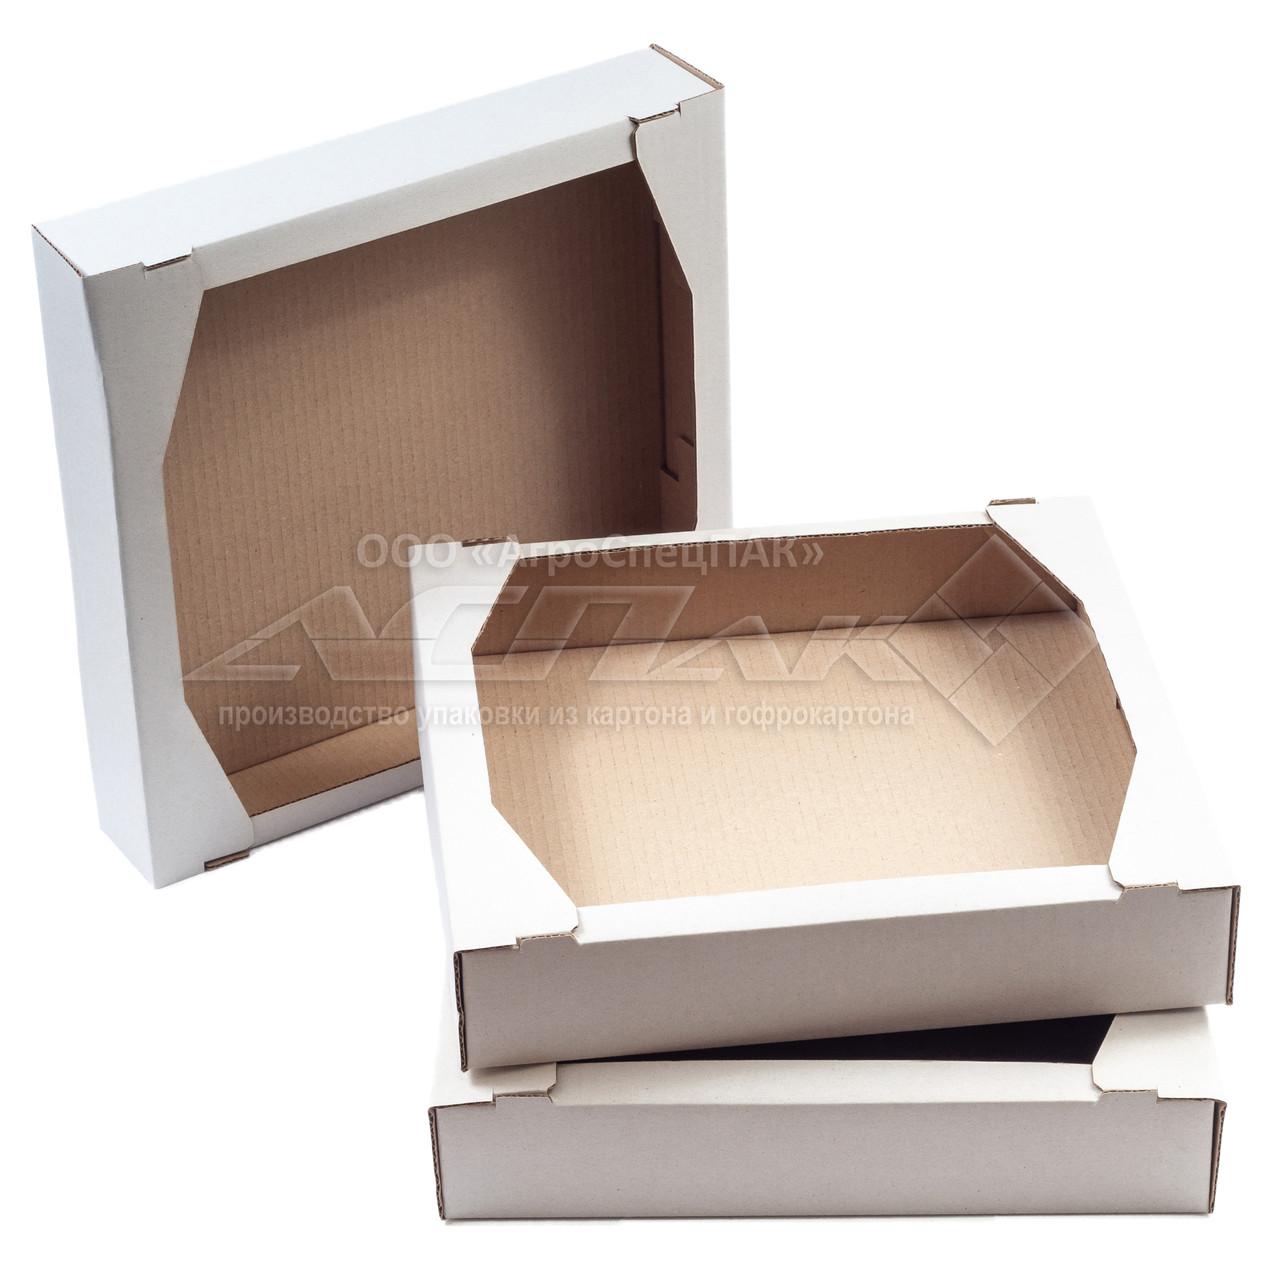 Кондитерский гофро-лоток 285х275х60 Е белый